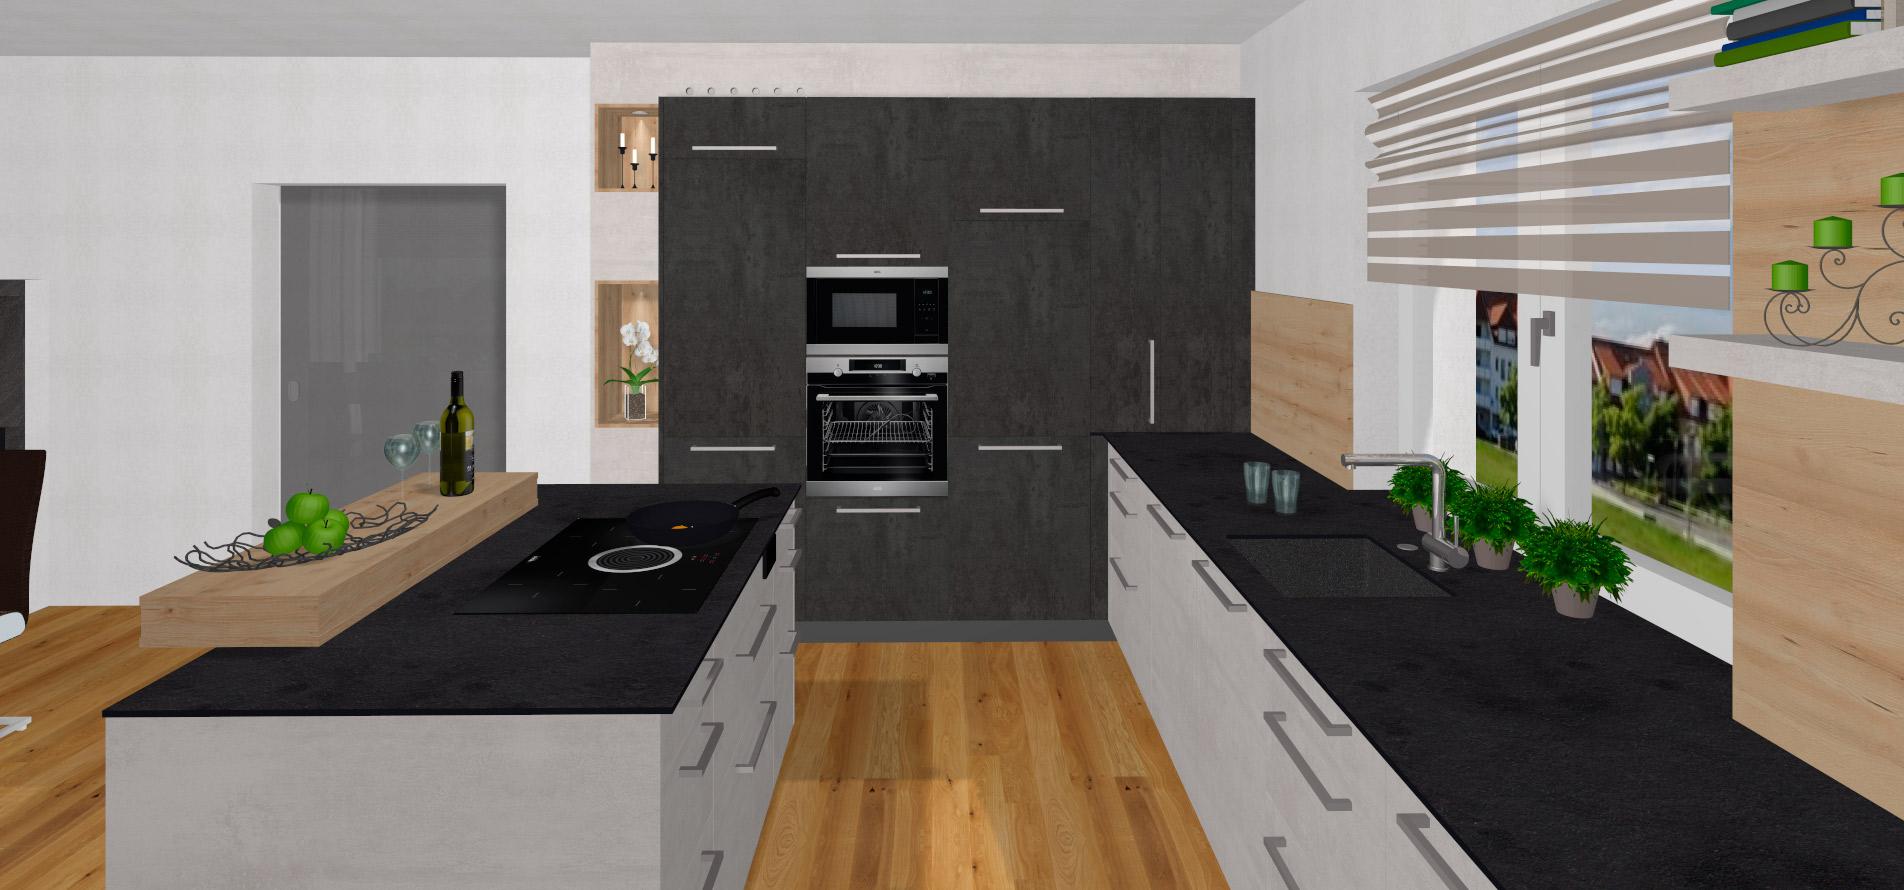 Full Size of Freistehende Küchenzeile Freistehende Küchenmöbel Freistehende Küche Verkleiden Ikea Freistehende Küche Udden Küche Freistehende Küche